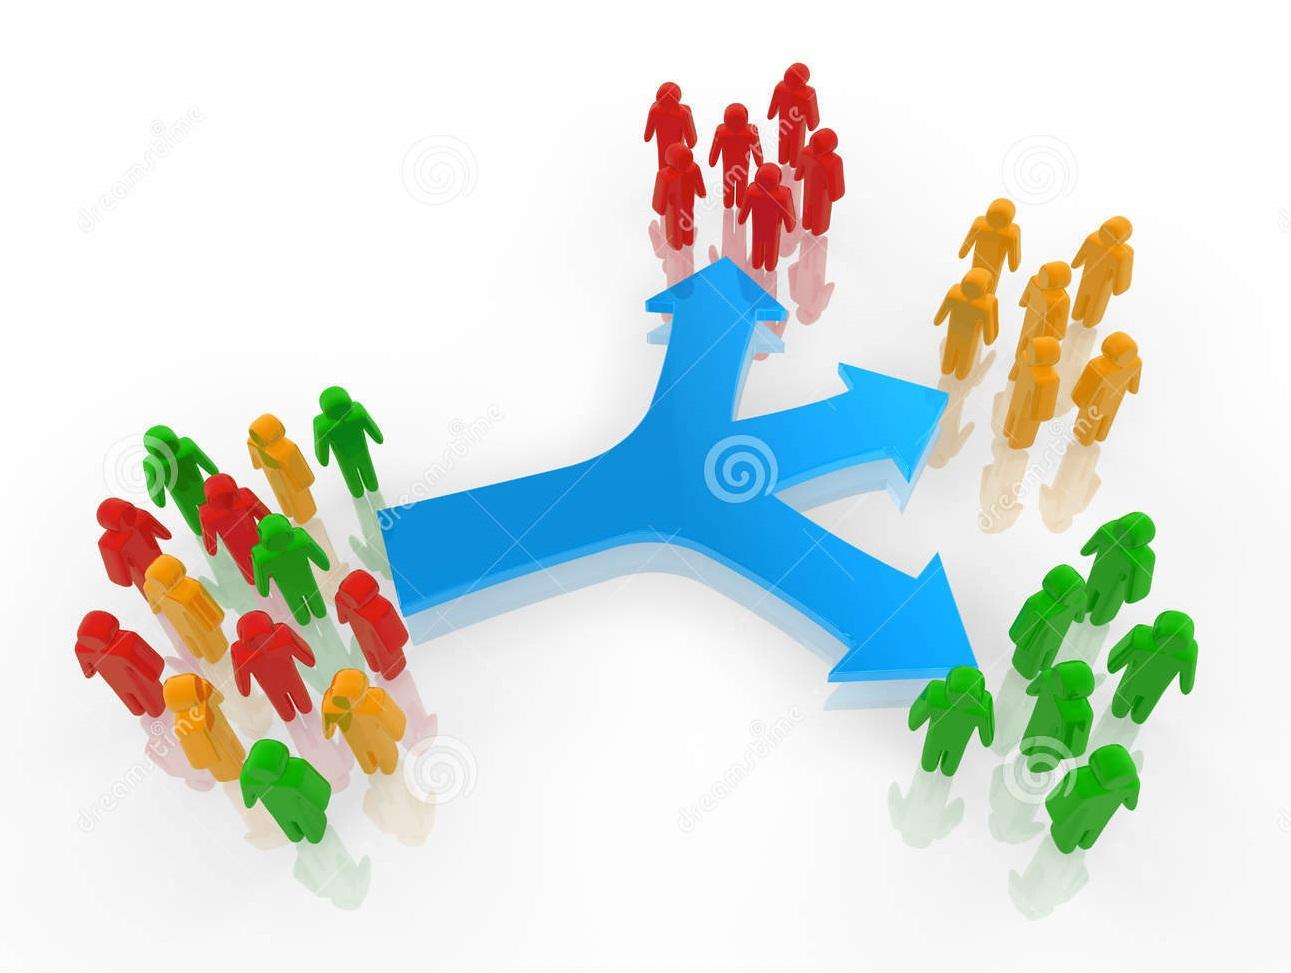 La importancia de la segmentaci n en los mercados actuales for Best group pictures